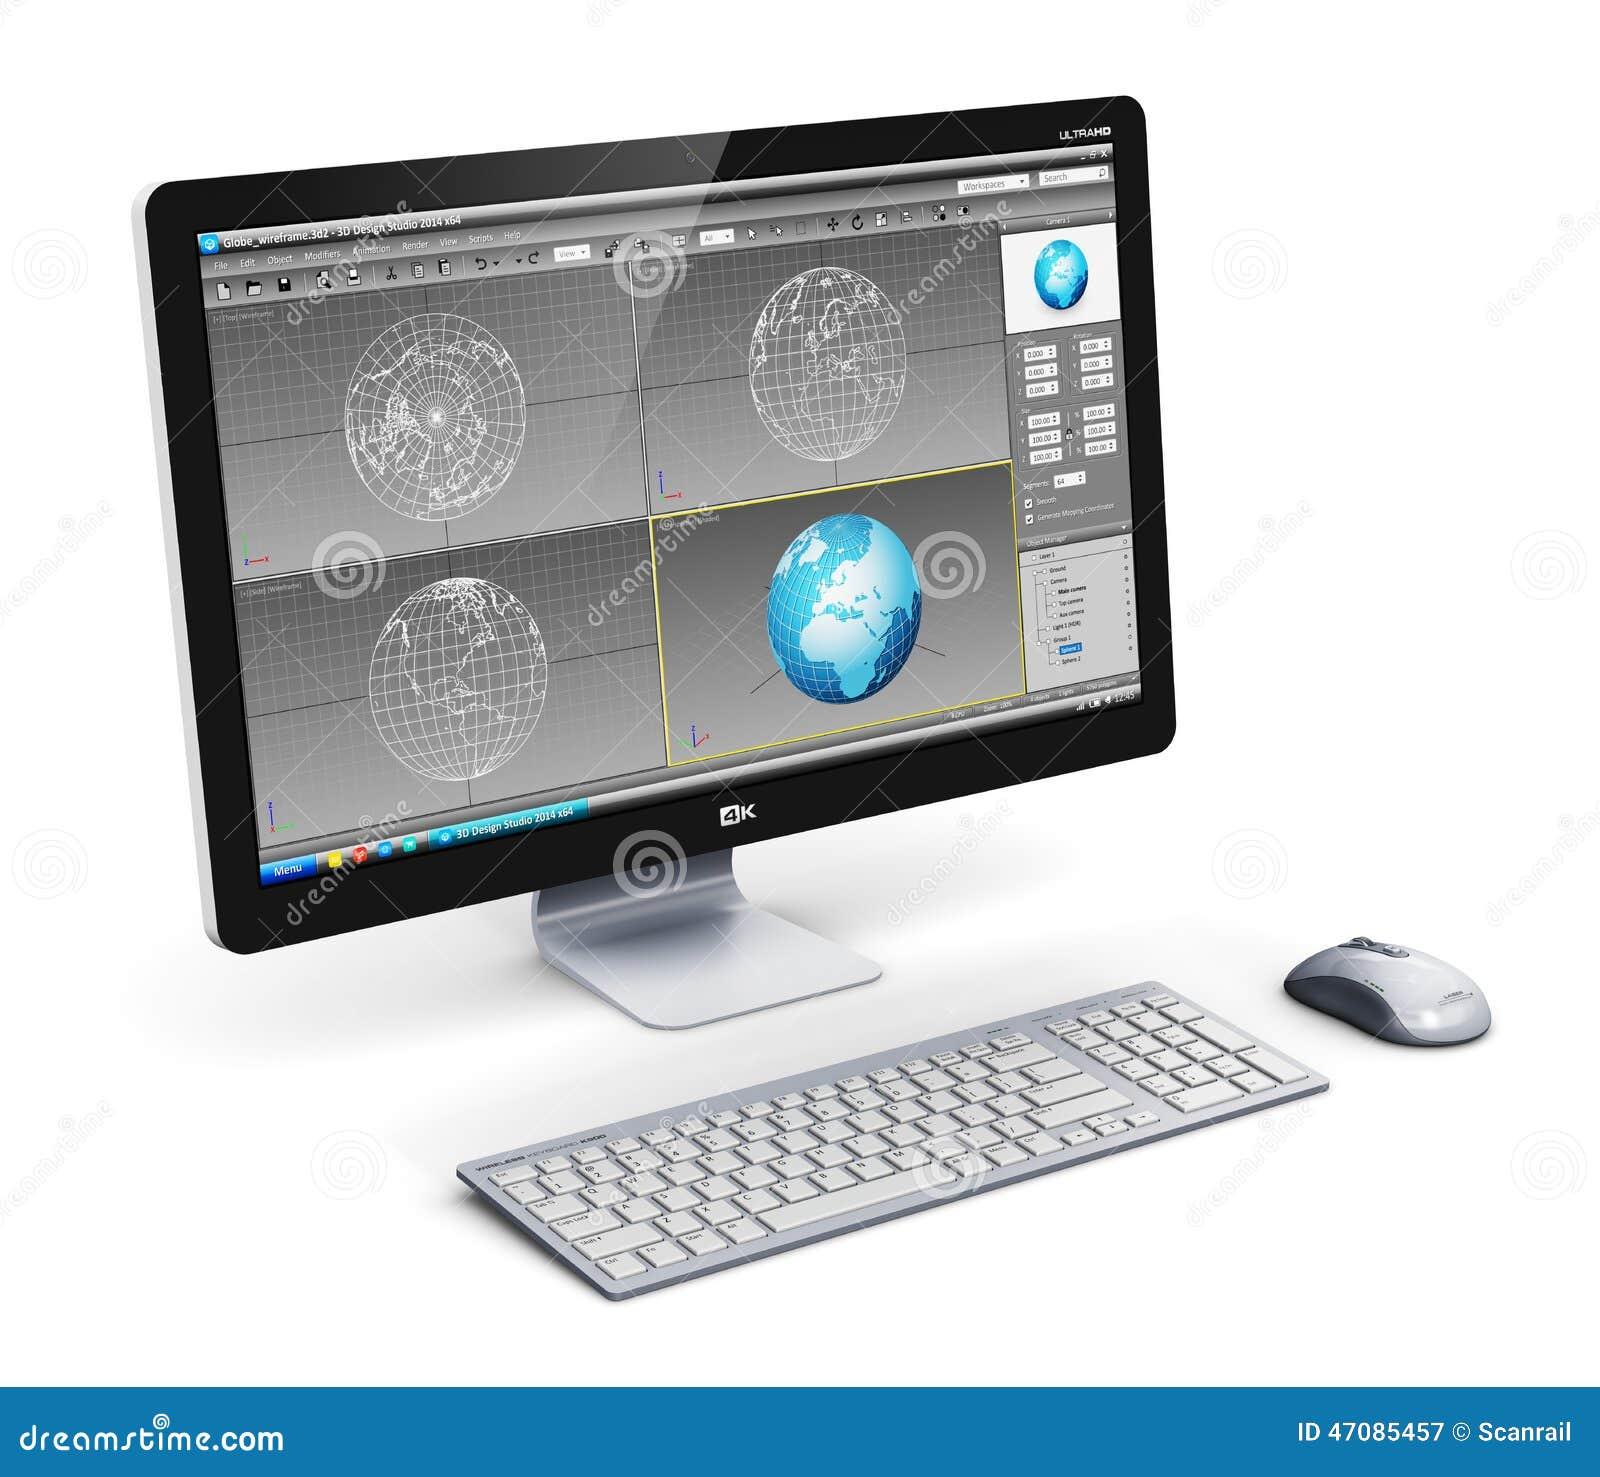 专业台式计算机工作站图片